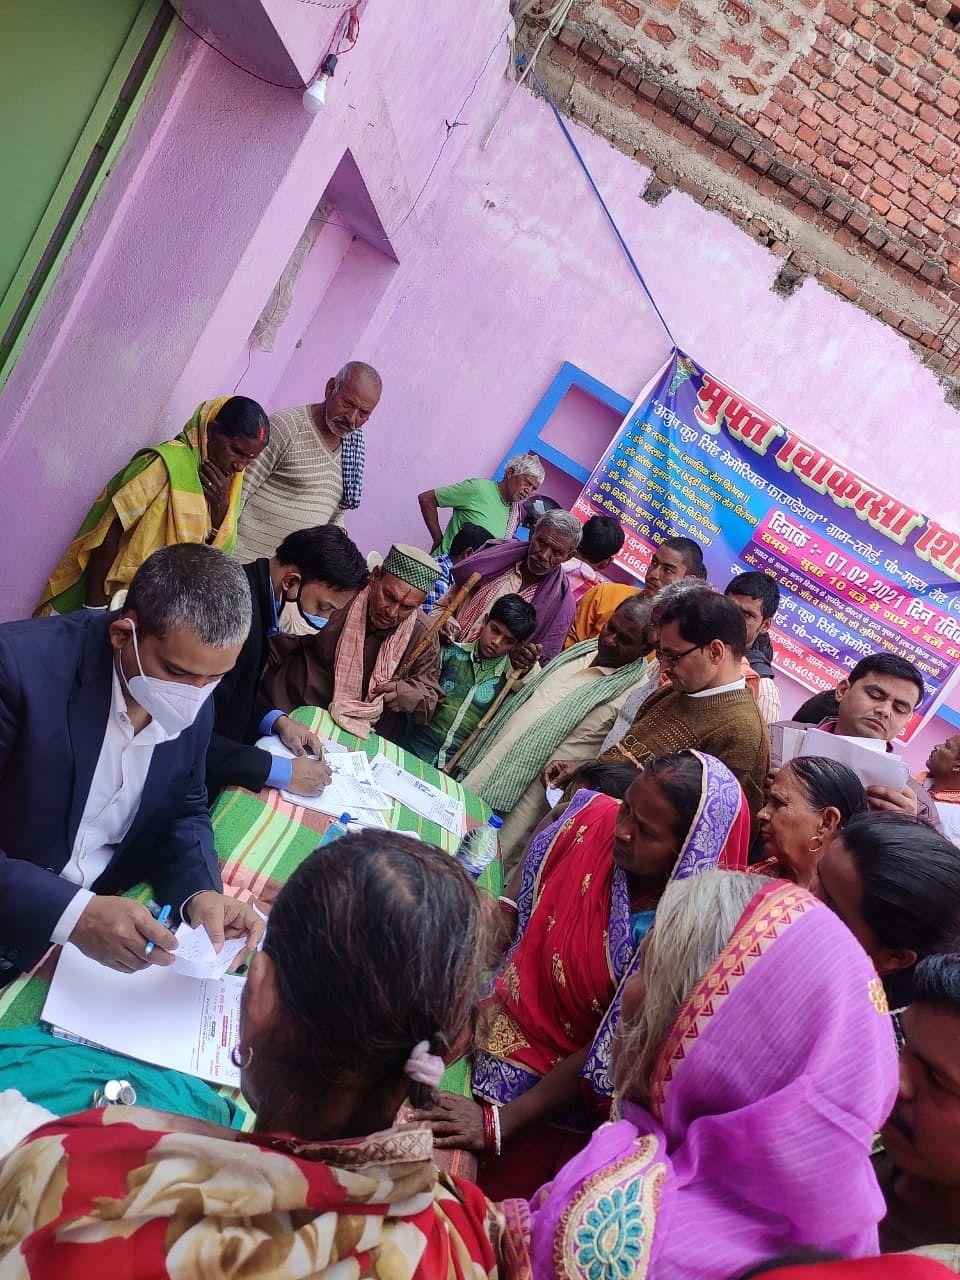 600 गरीबो का मुफ्त इलाज करा उन्हें मिली दवाएं: सुमन